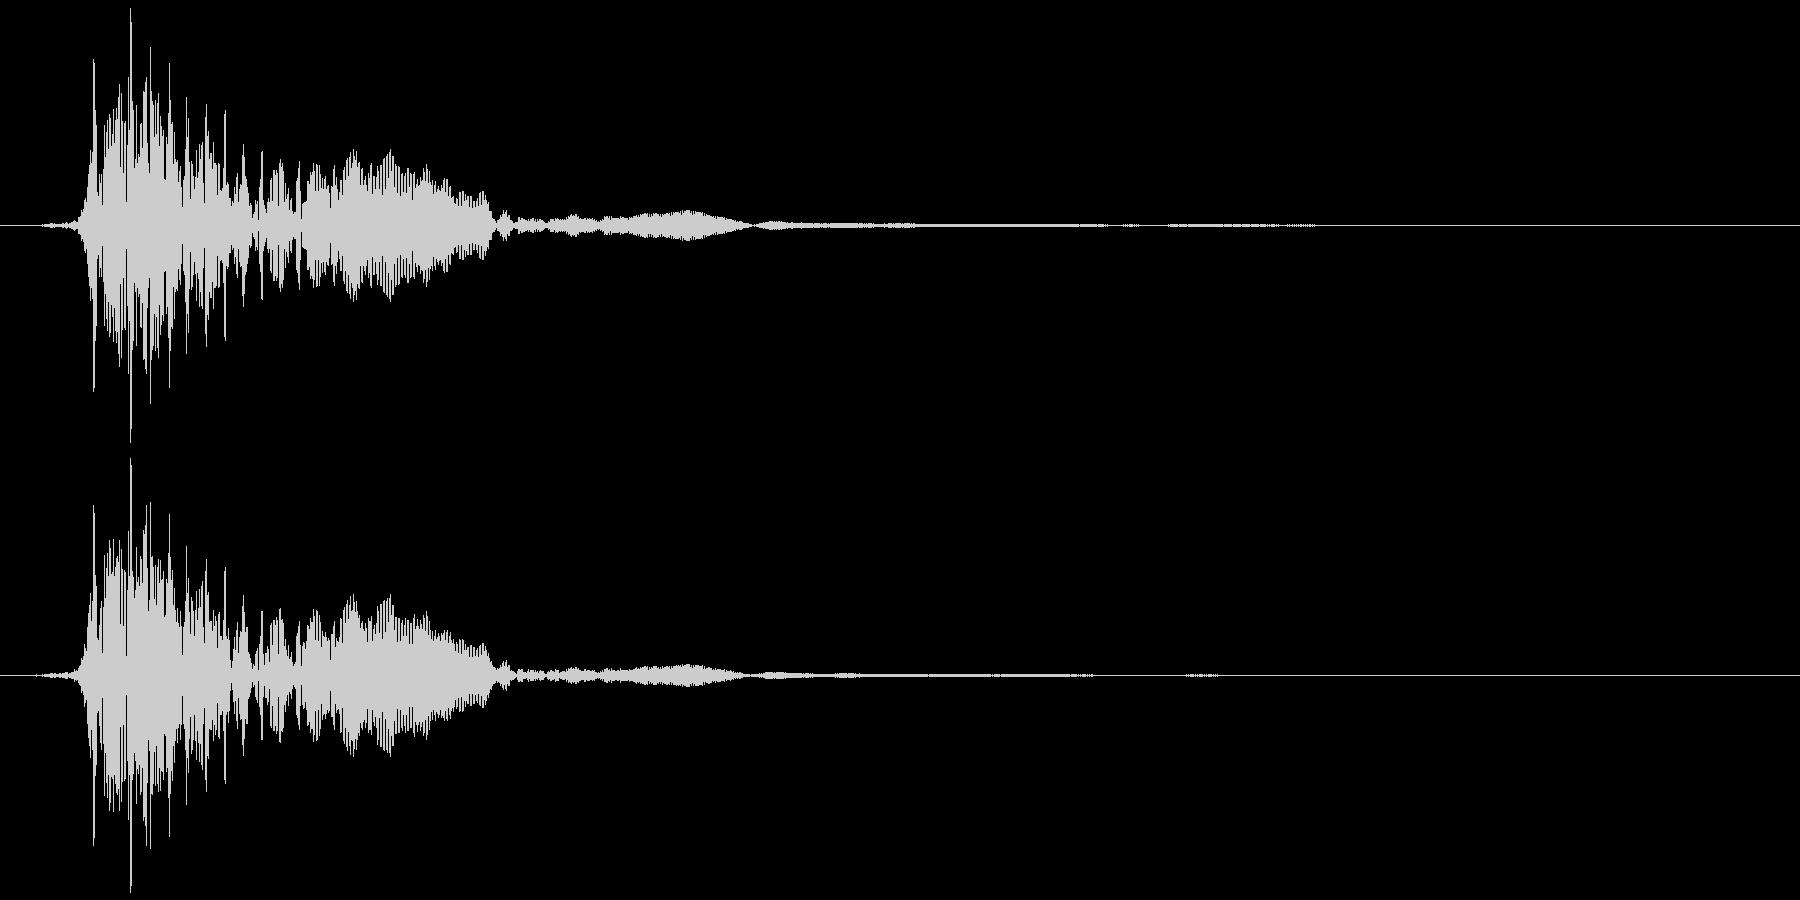 不協和音ハウリング【ホラー】ドゥン…の未再生の波形